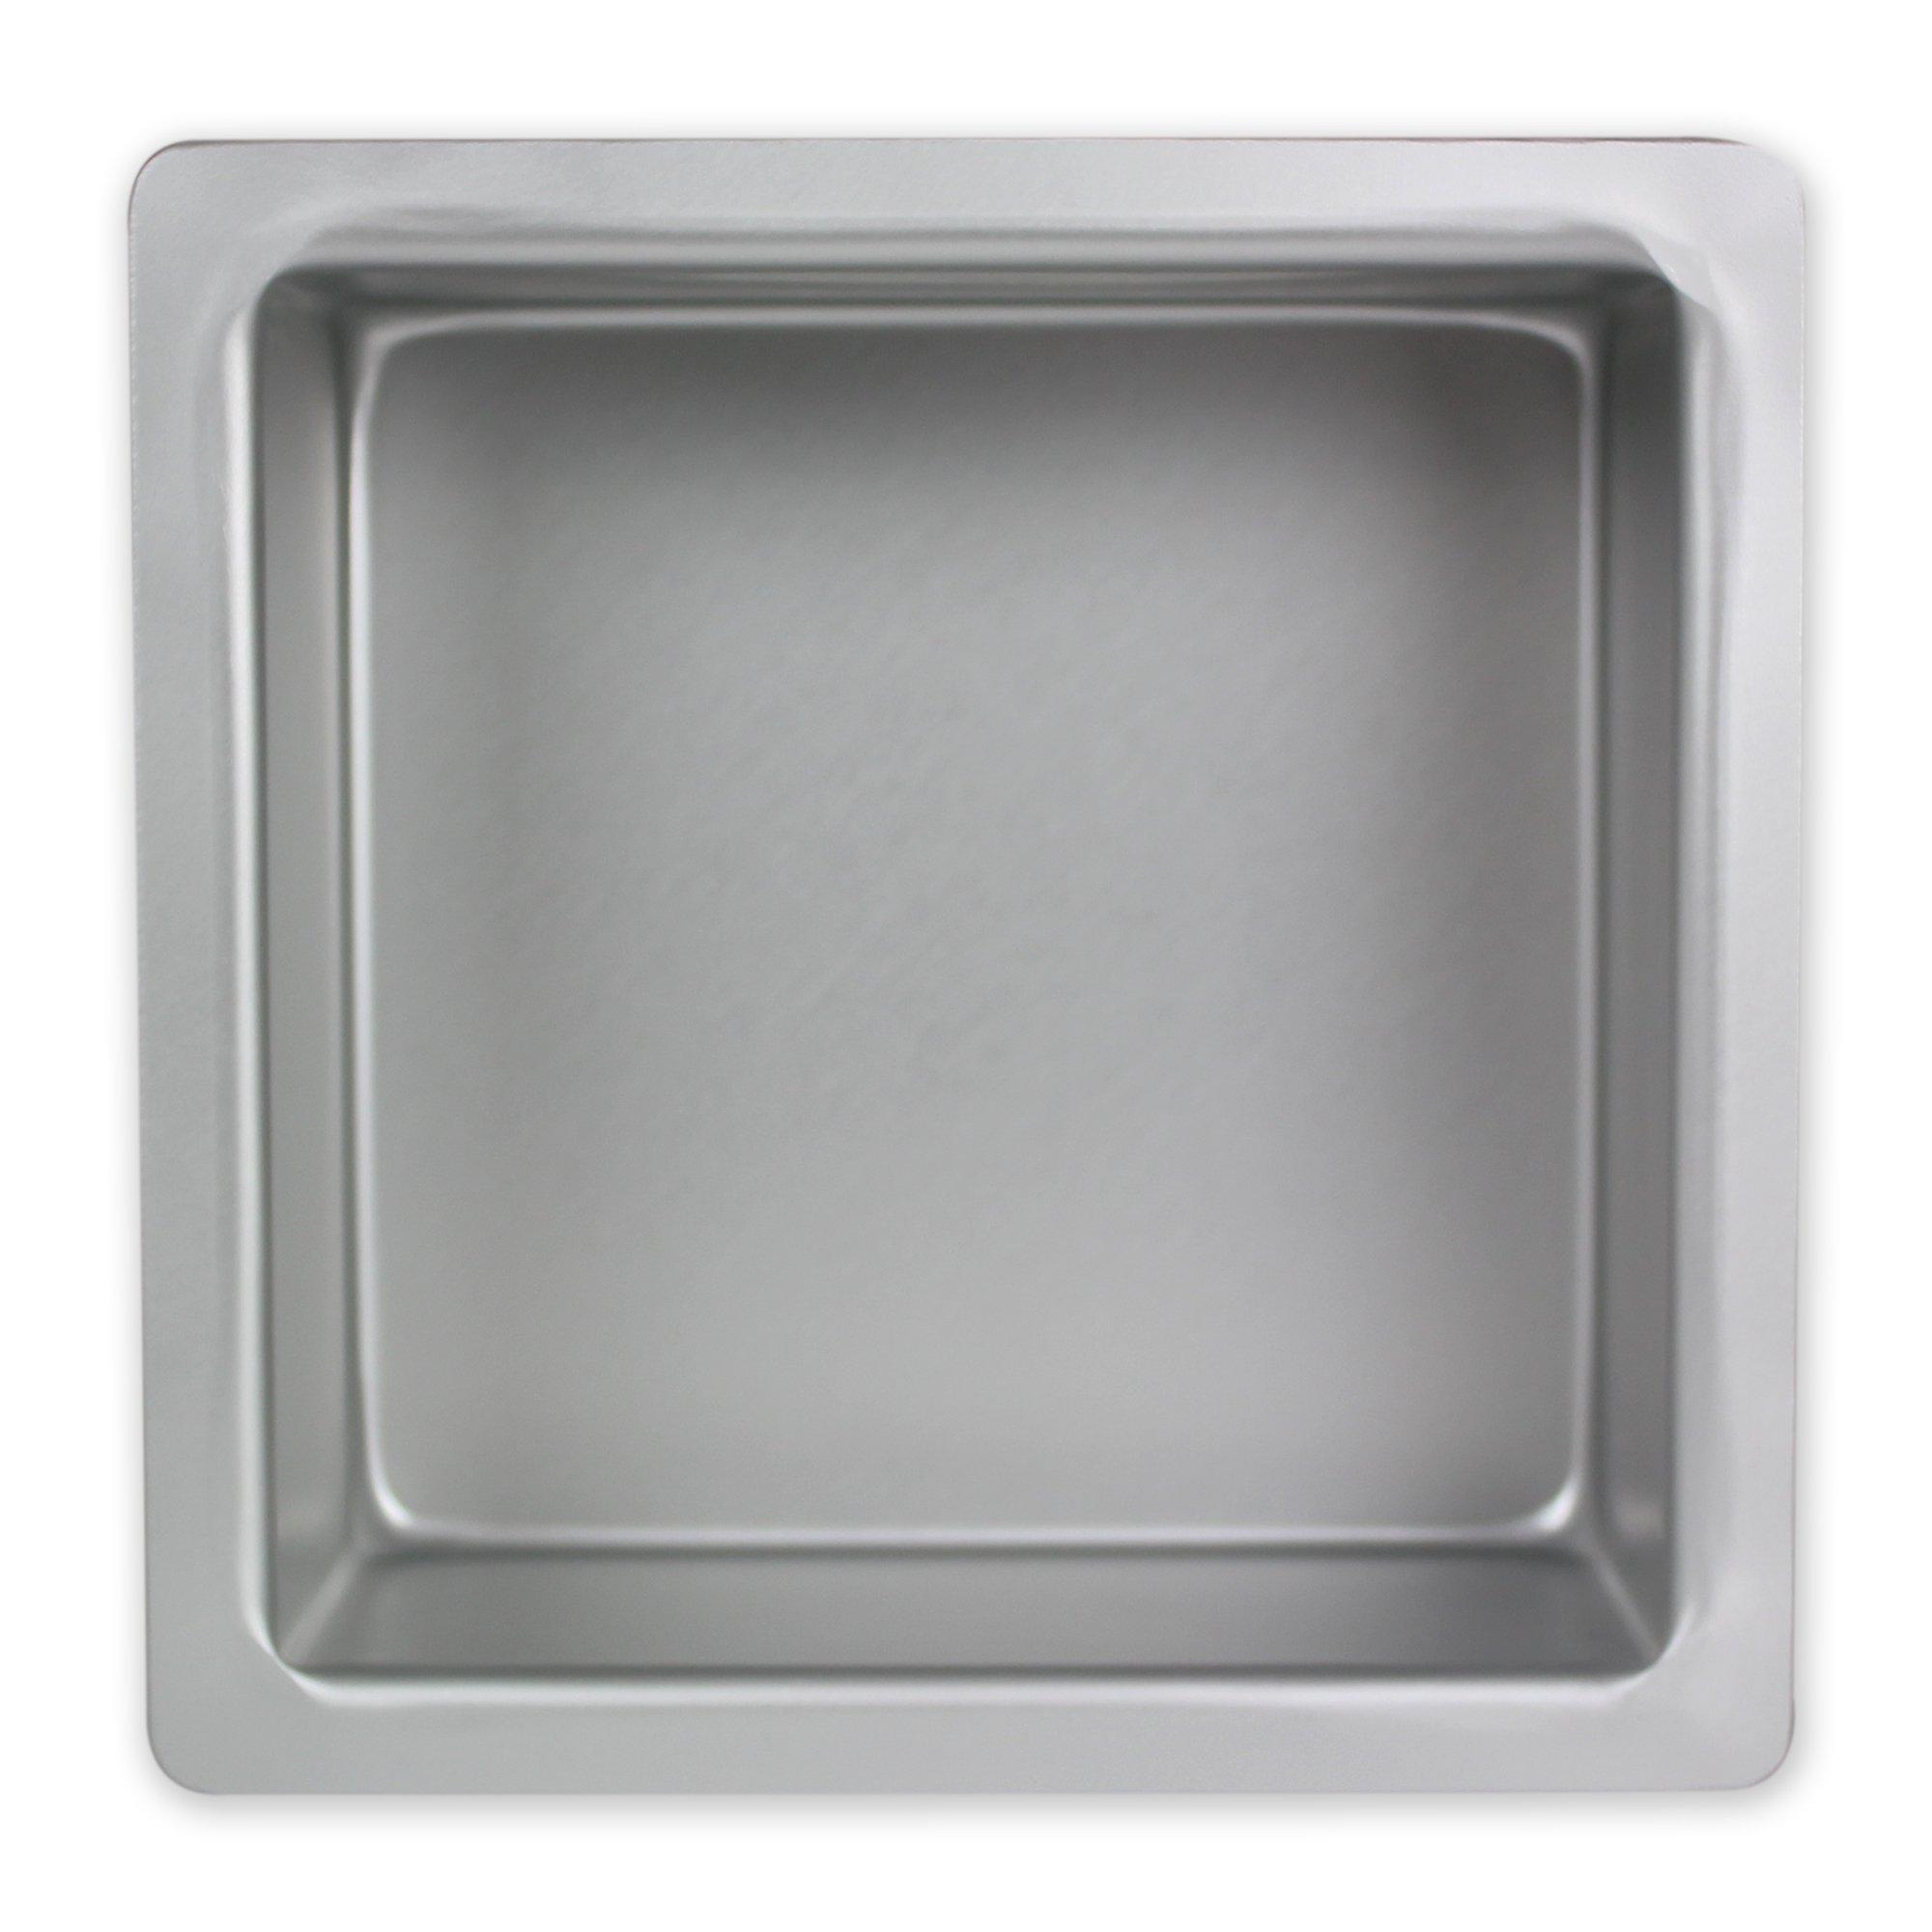 PME - Teglia Professionale Quadrata in Alluminio Anodizzato 10 x 10 x 7.5 cm